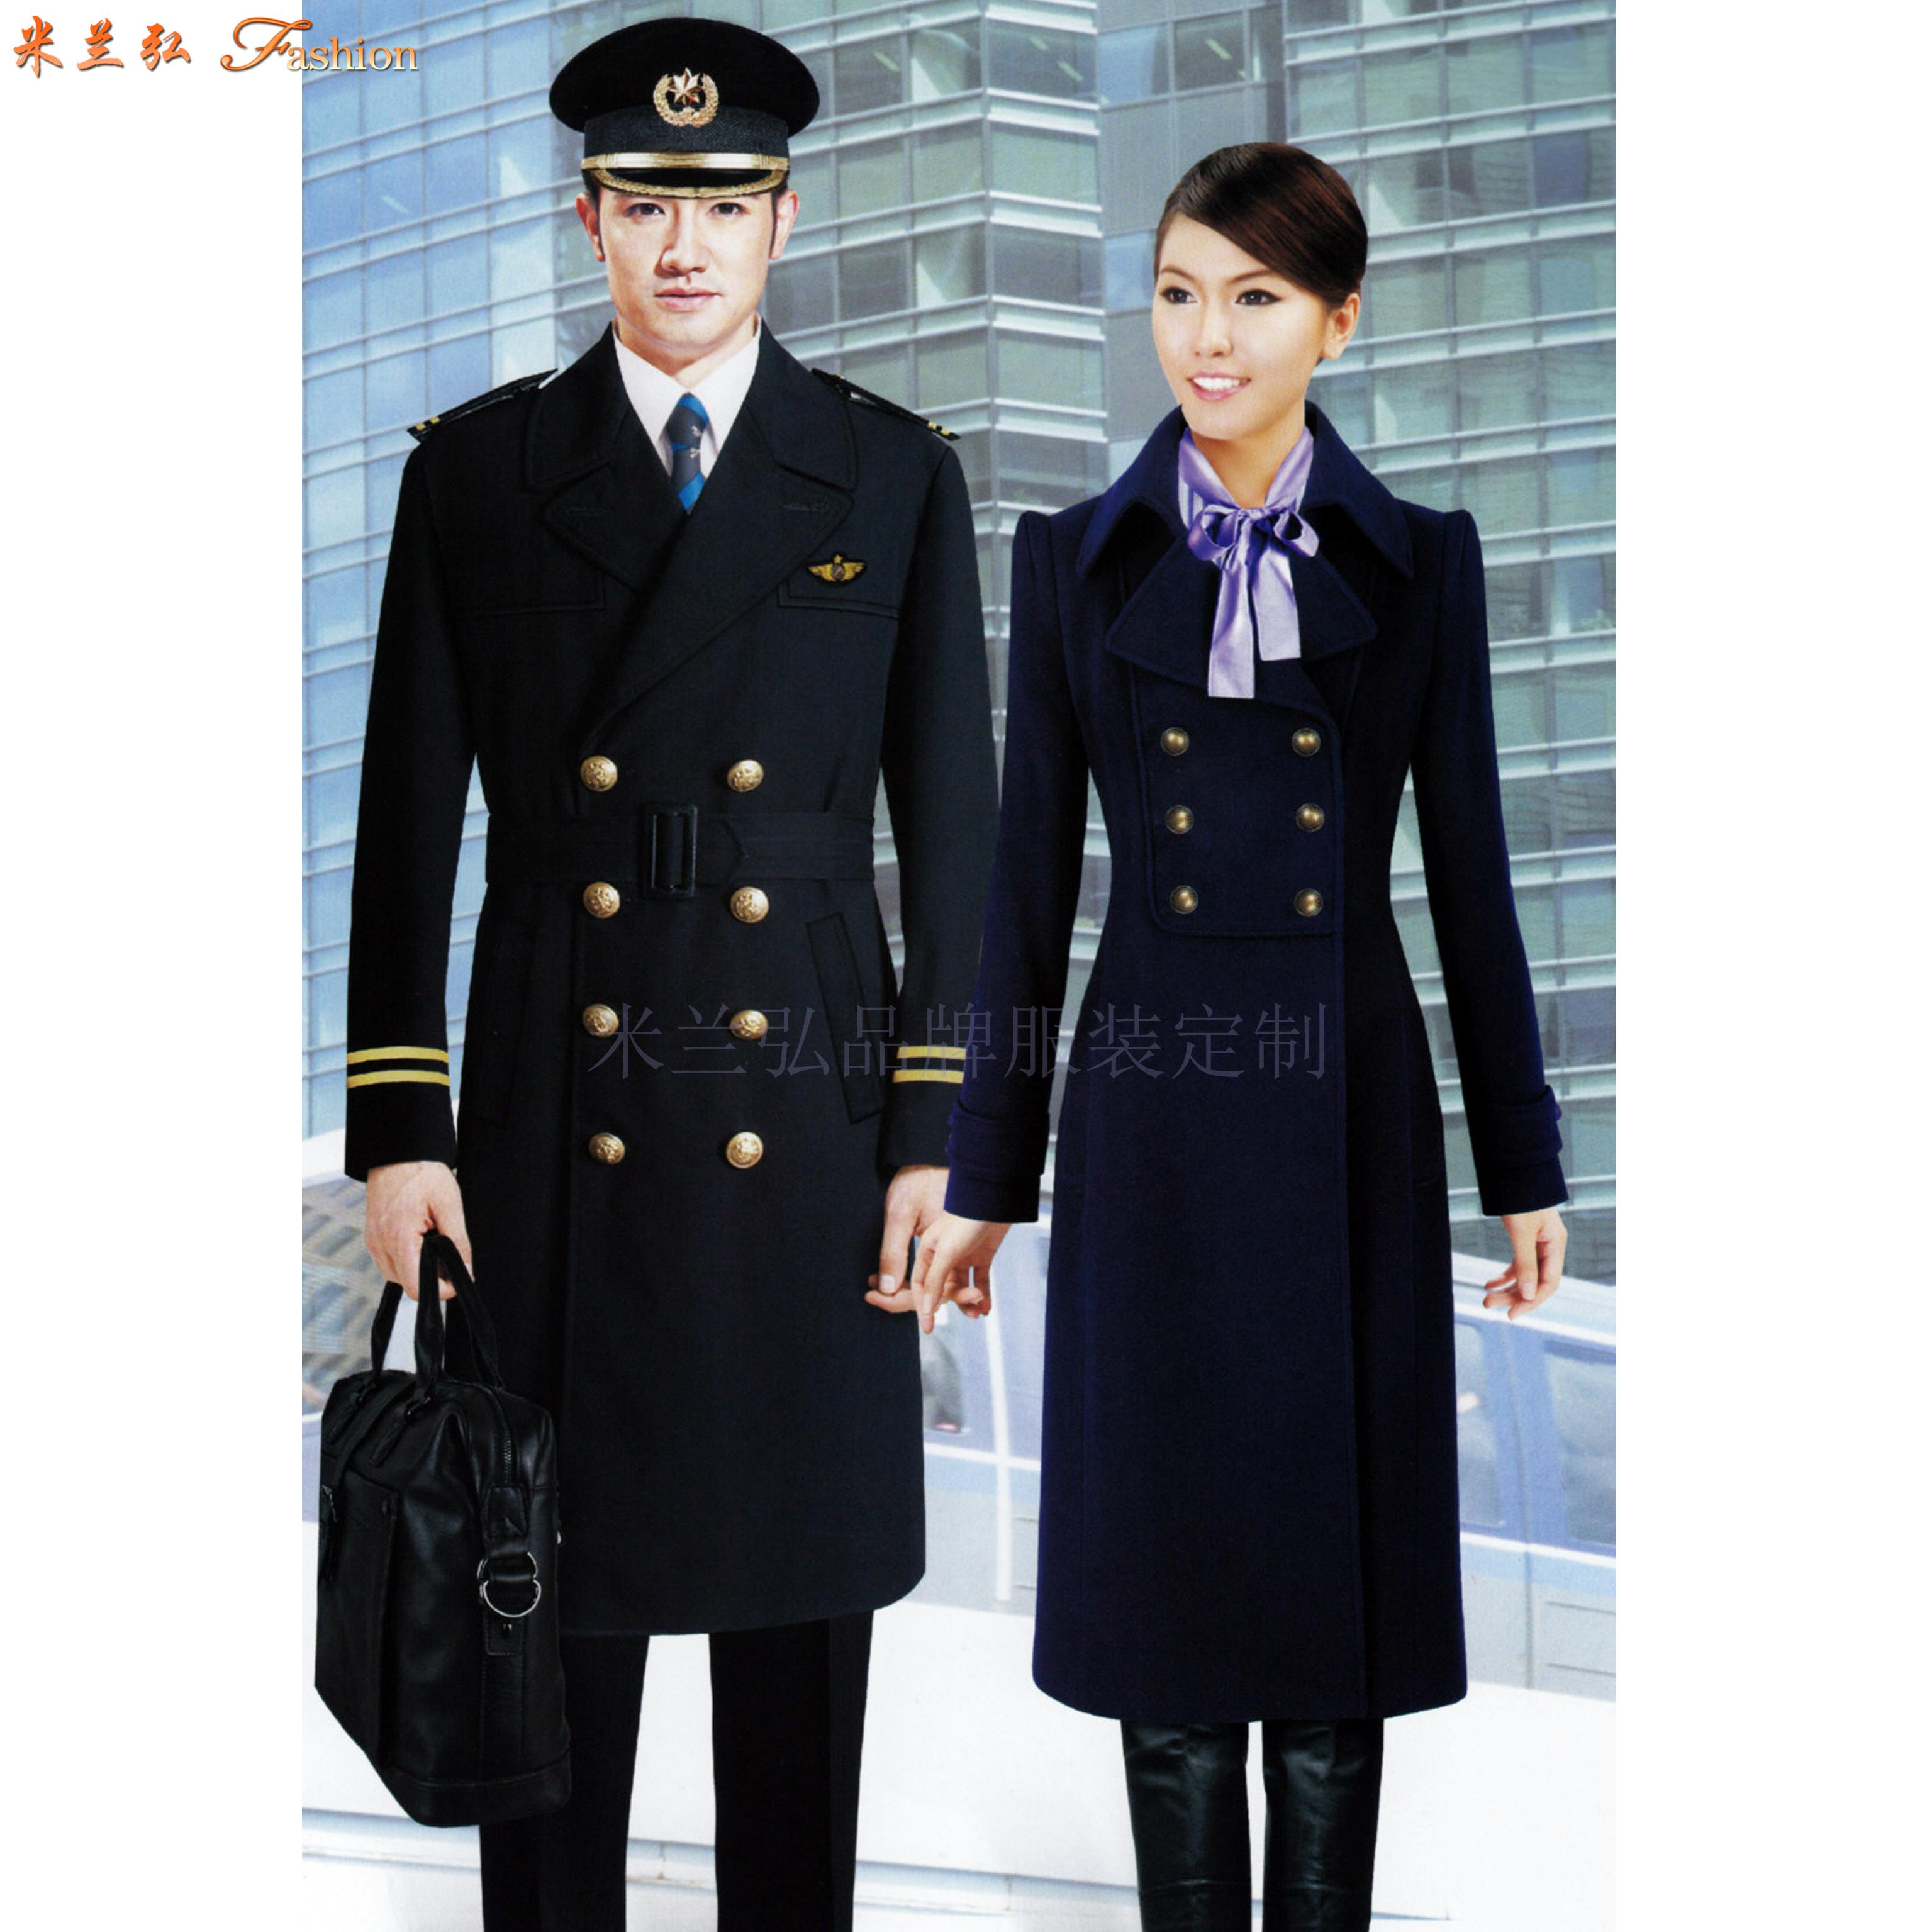 航空公司机长大衣定做_空姐服大衣定制_飞机空乘服大衣订制-4